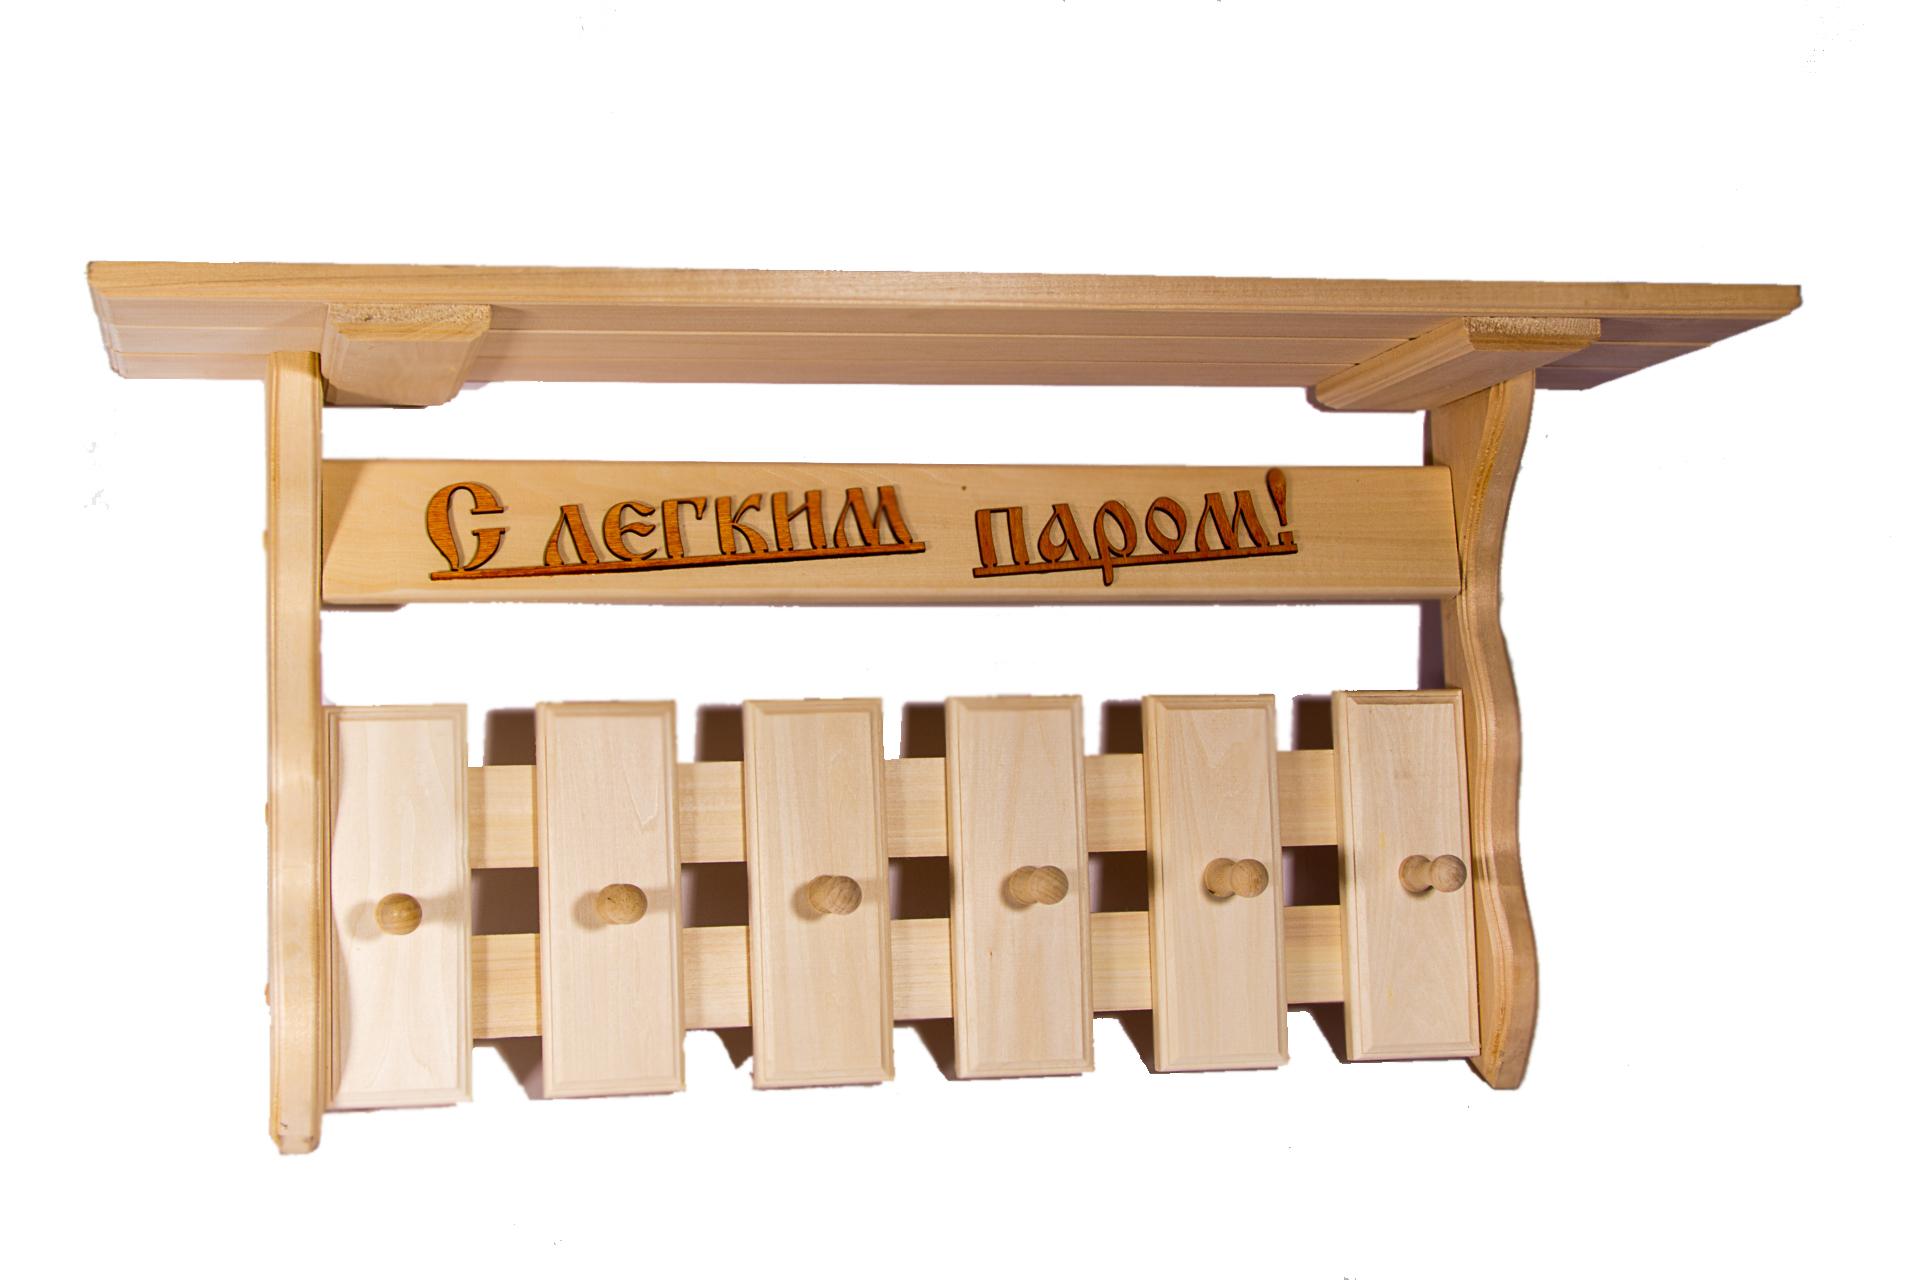 Мебель для бани: вешалка своими руками